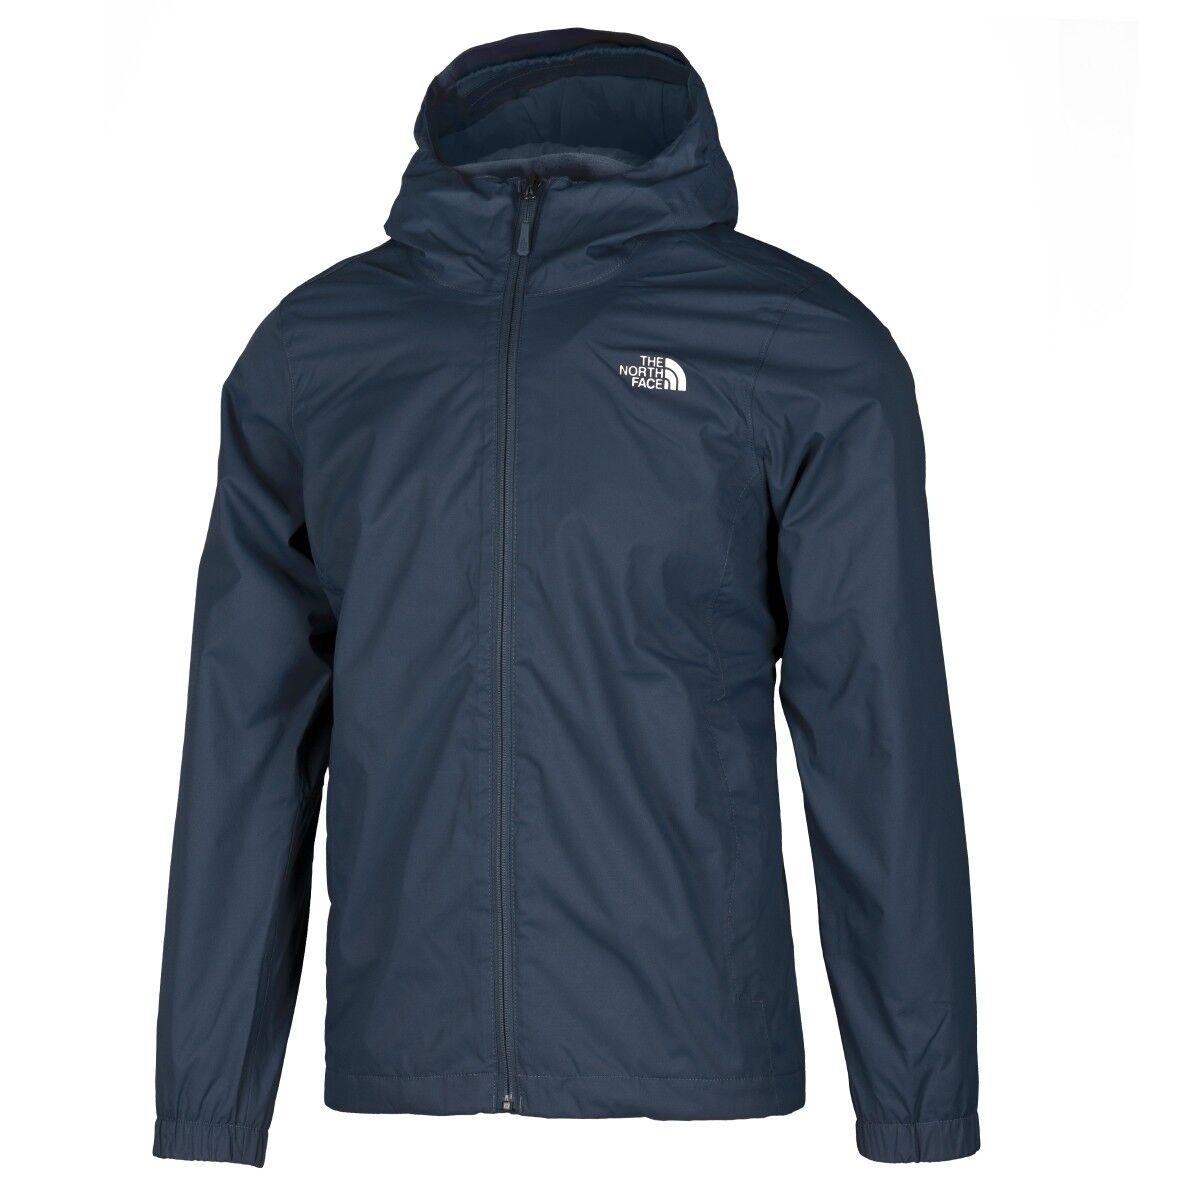 The North Face damen Quest Jacket Kapuzen Jacke Outdoor Regenjacke T0A8BAU6R